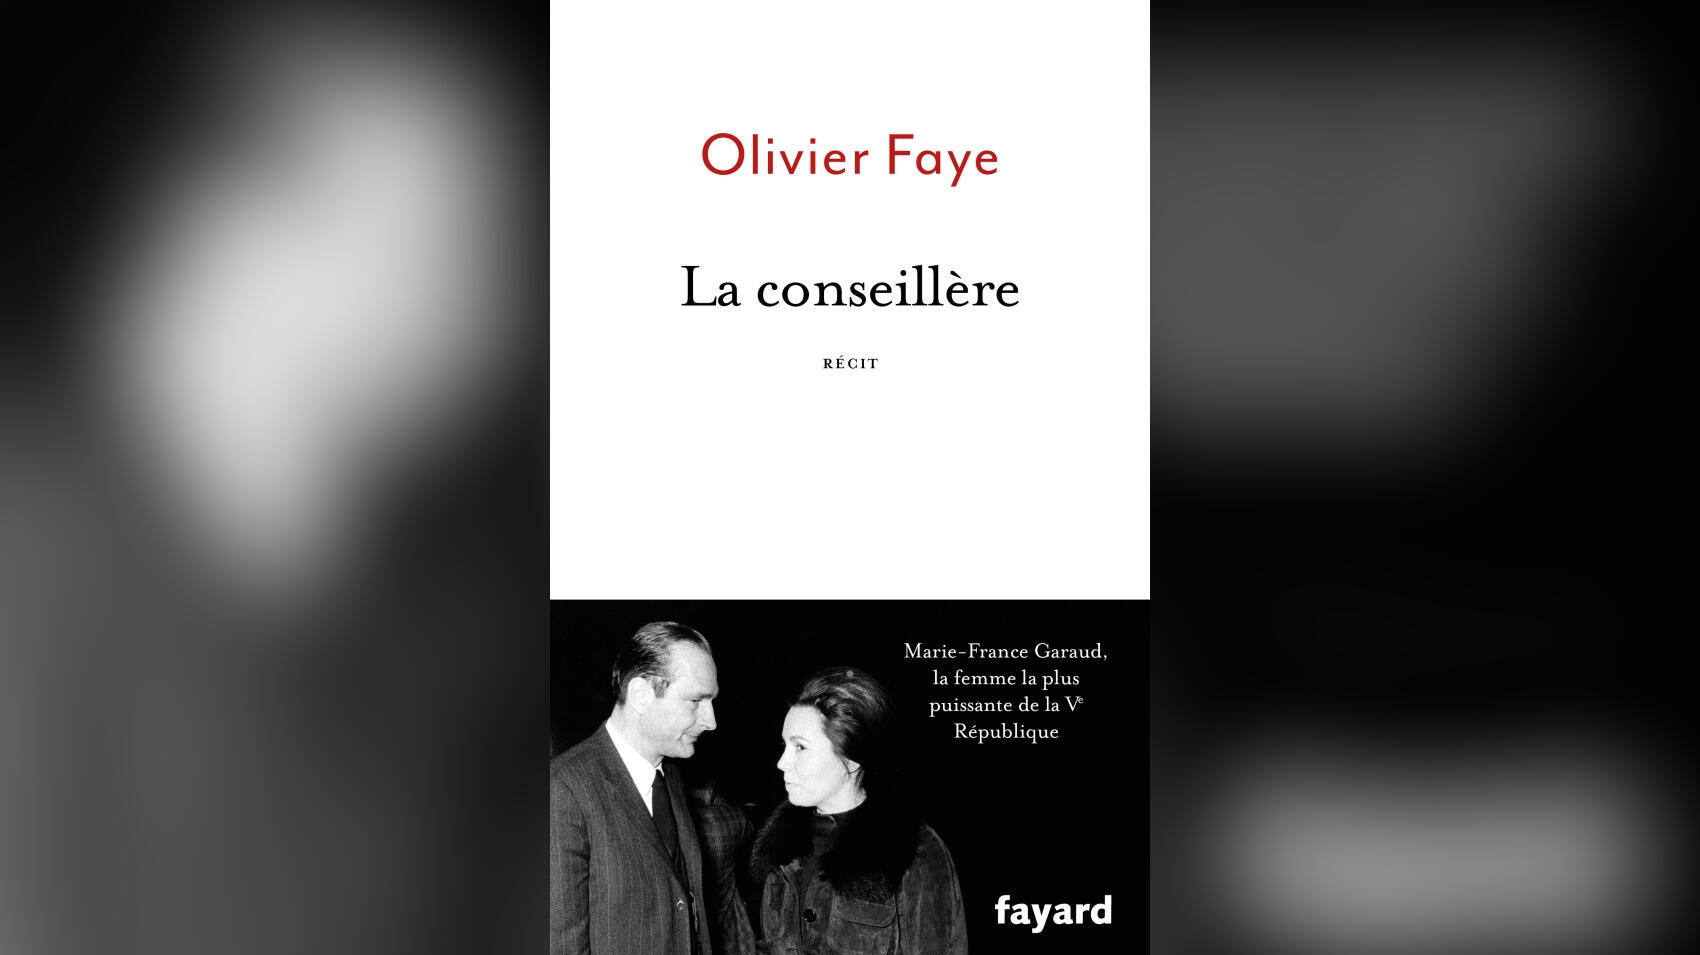 la-conseillere-olivier-faye